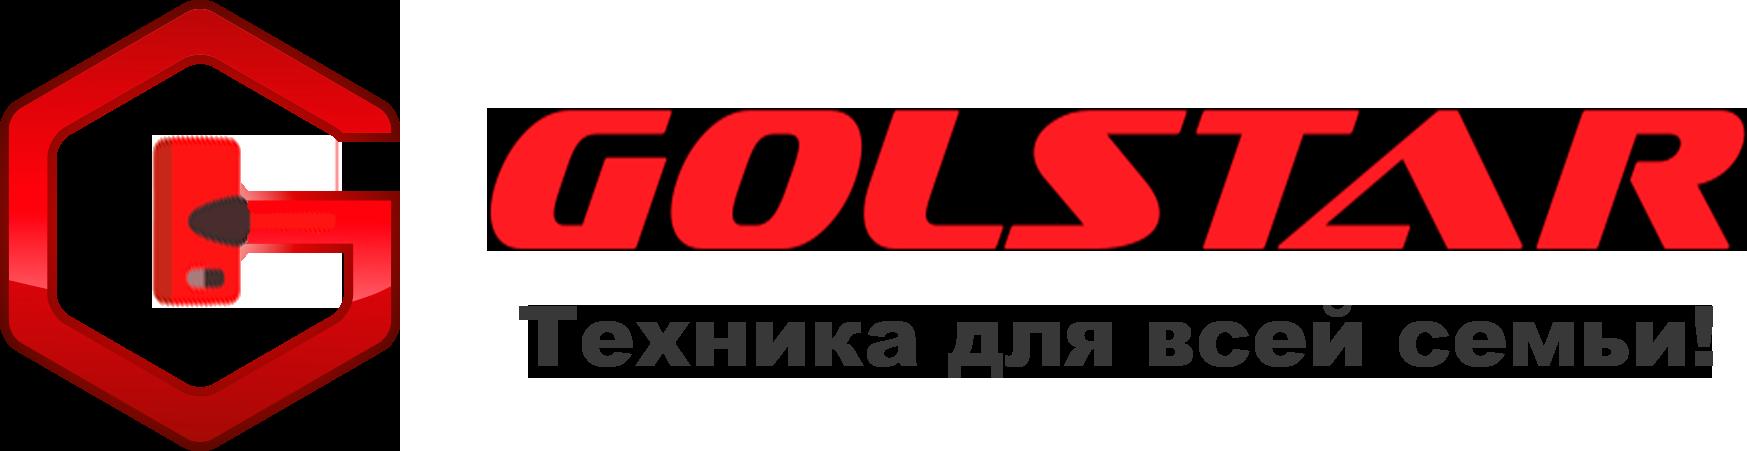 GolStar